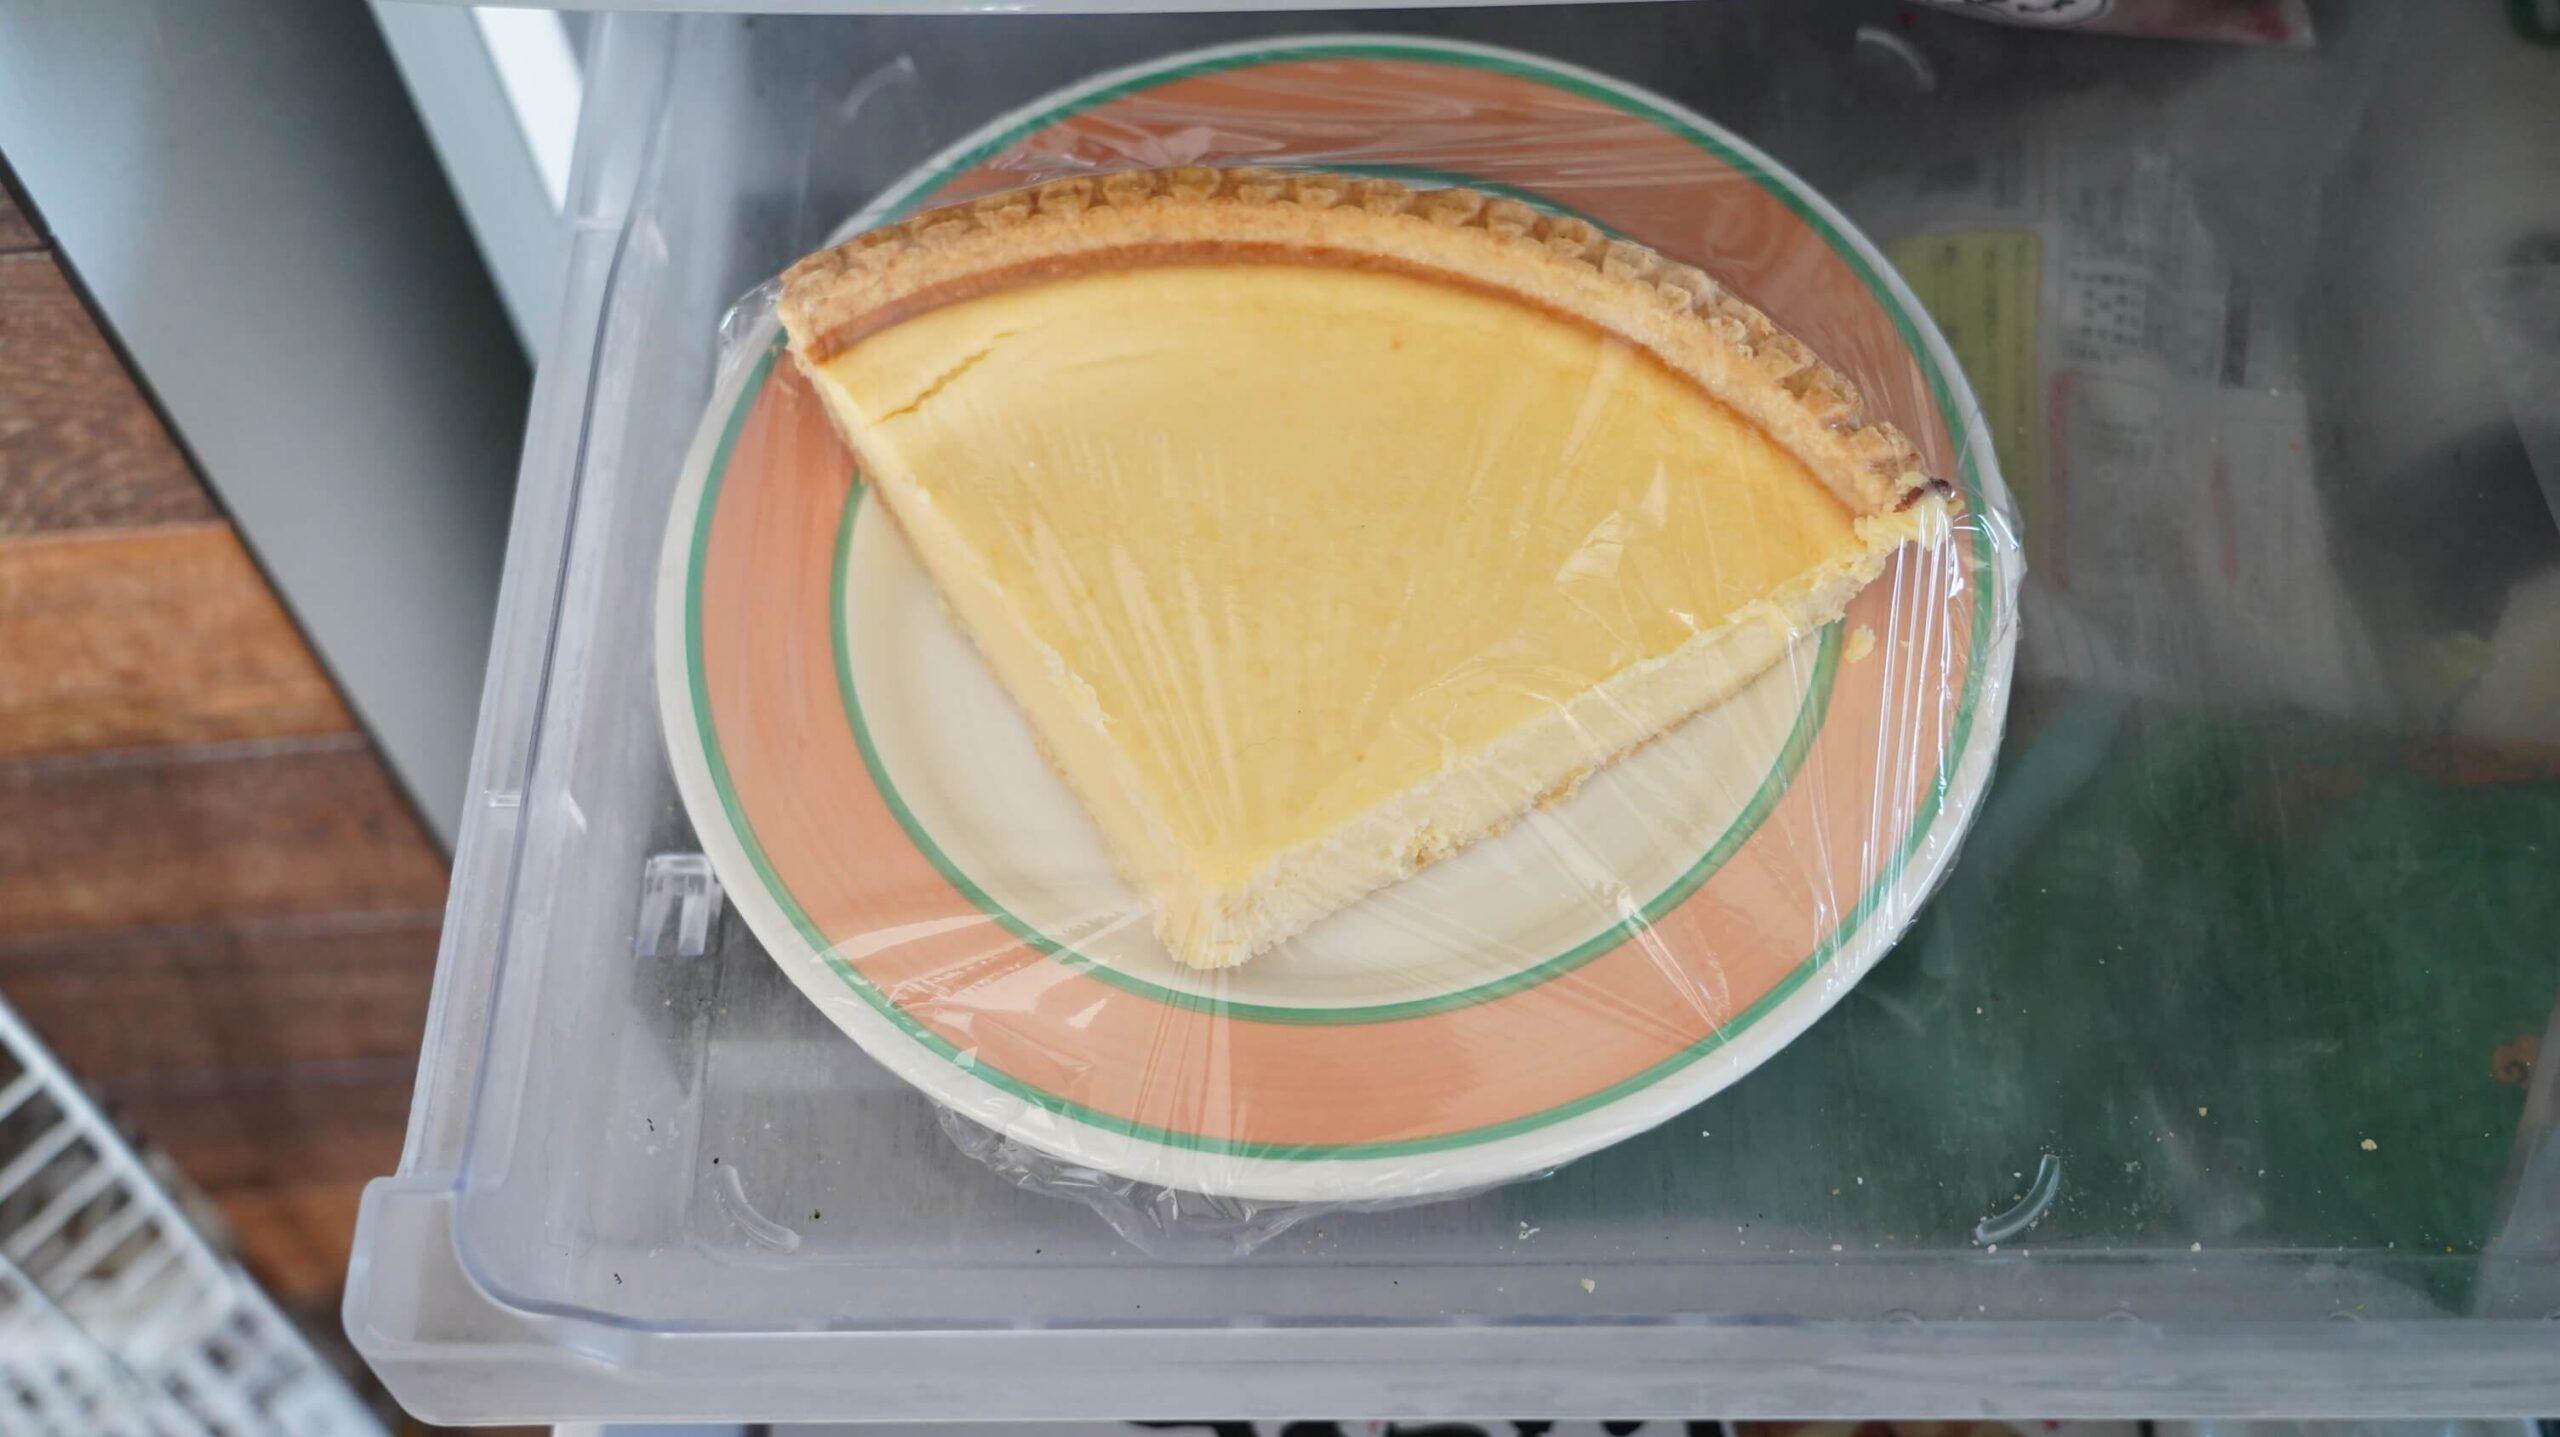 コストコのチーズケーキ「トリプルチーズタルト」を冷凍保存している写真